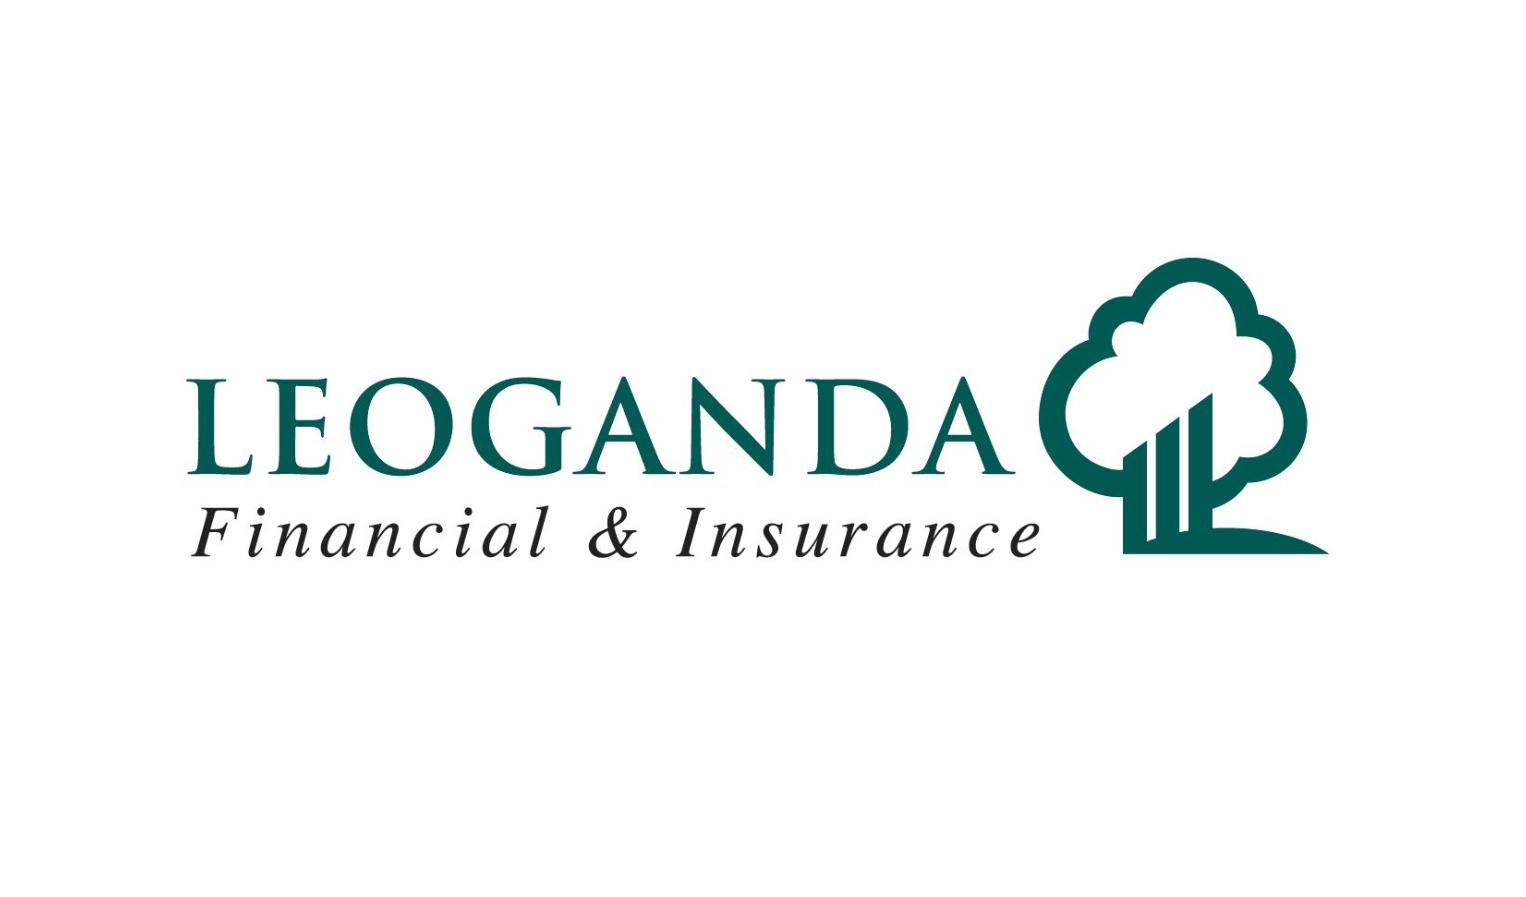 Leoganda